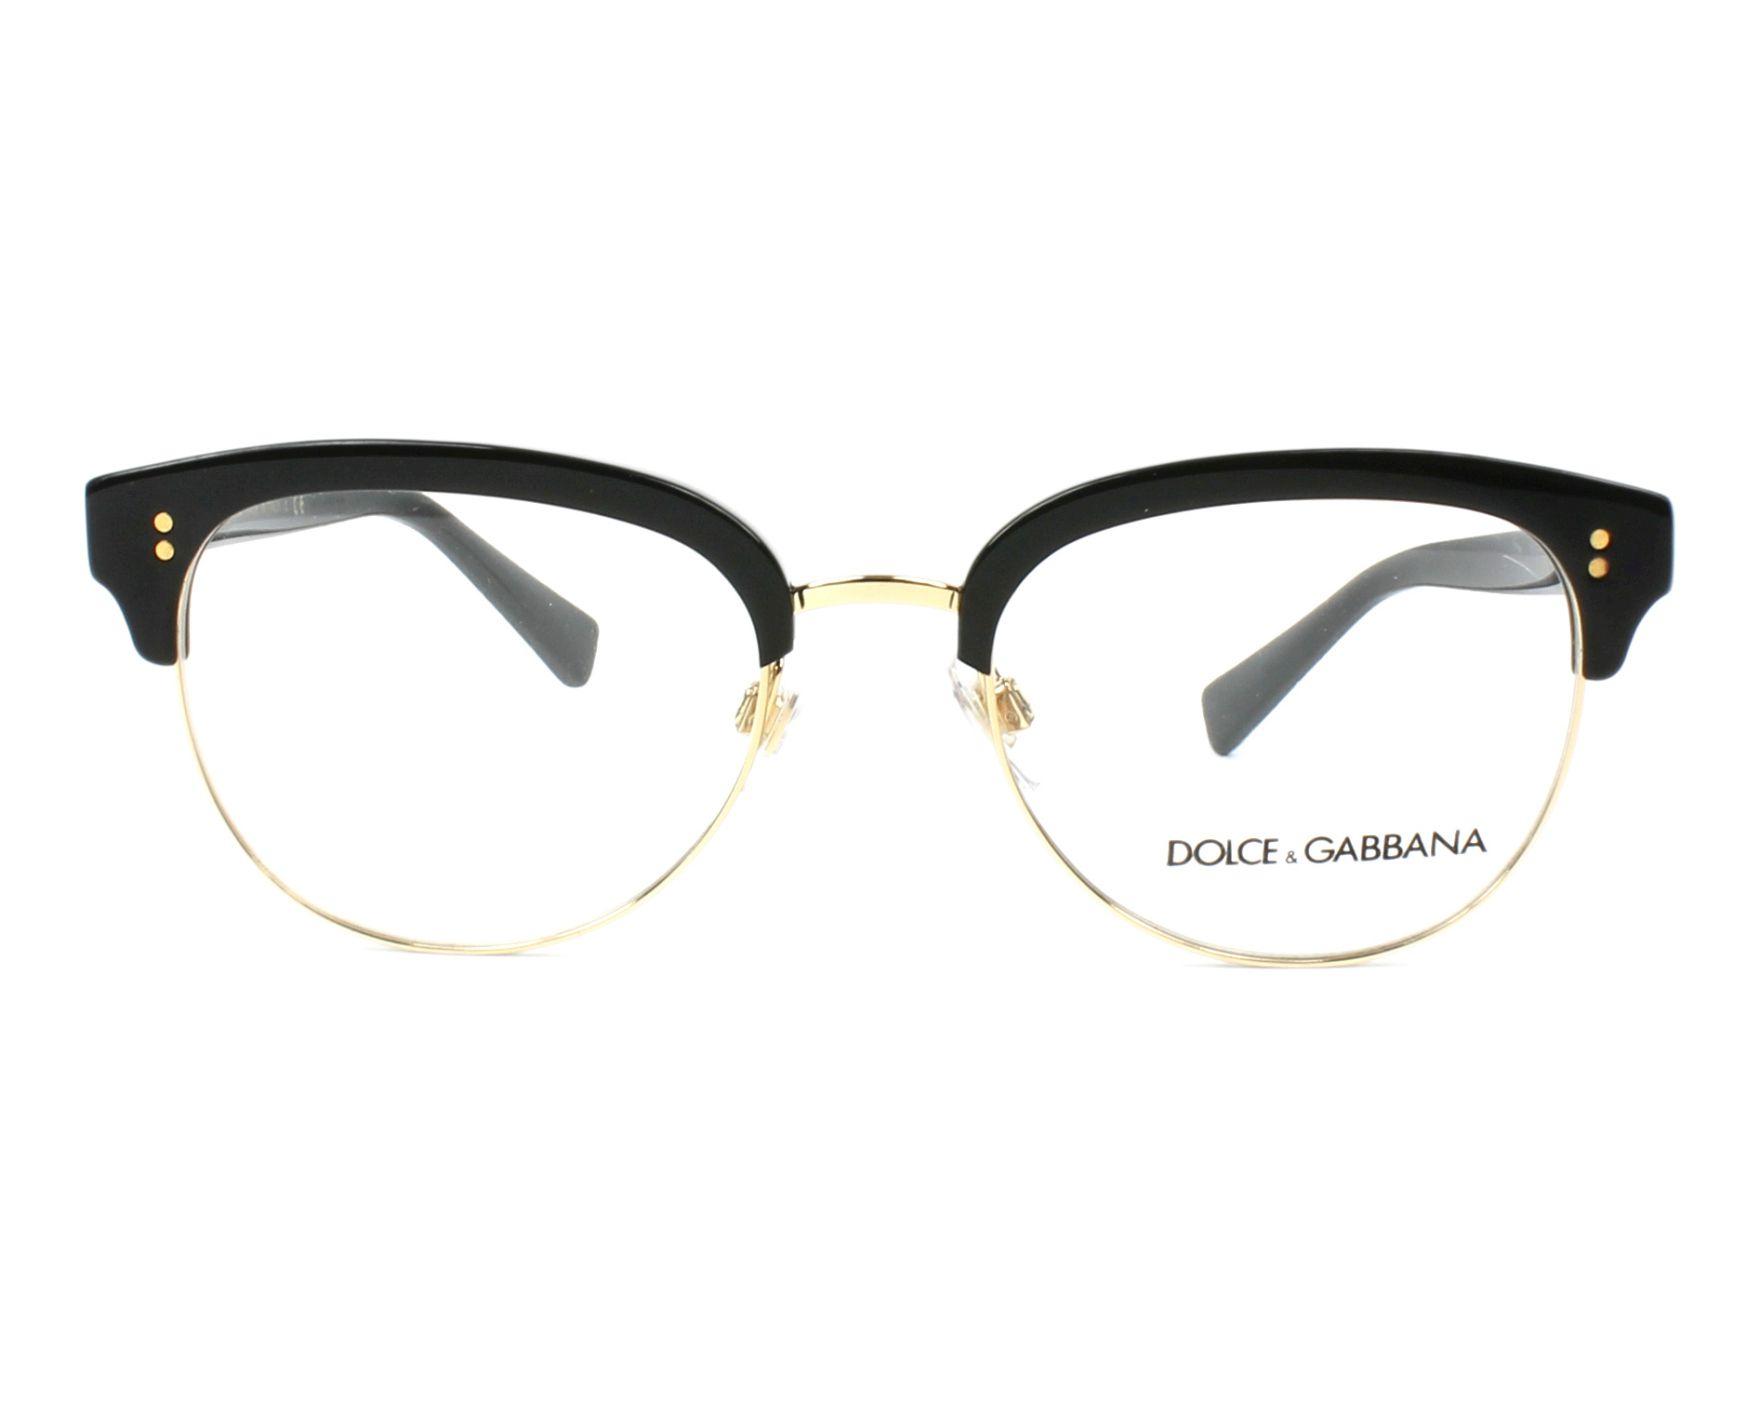 Lunettes de vue Dolce   Gabbana DG-3270 501 52-19 Noir Or vue f8e46c8a360c